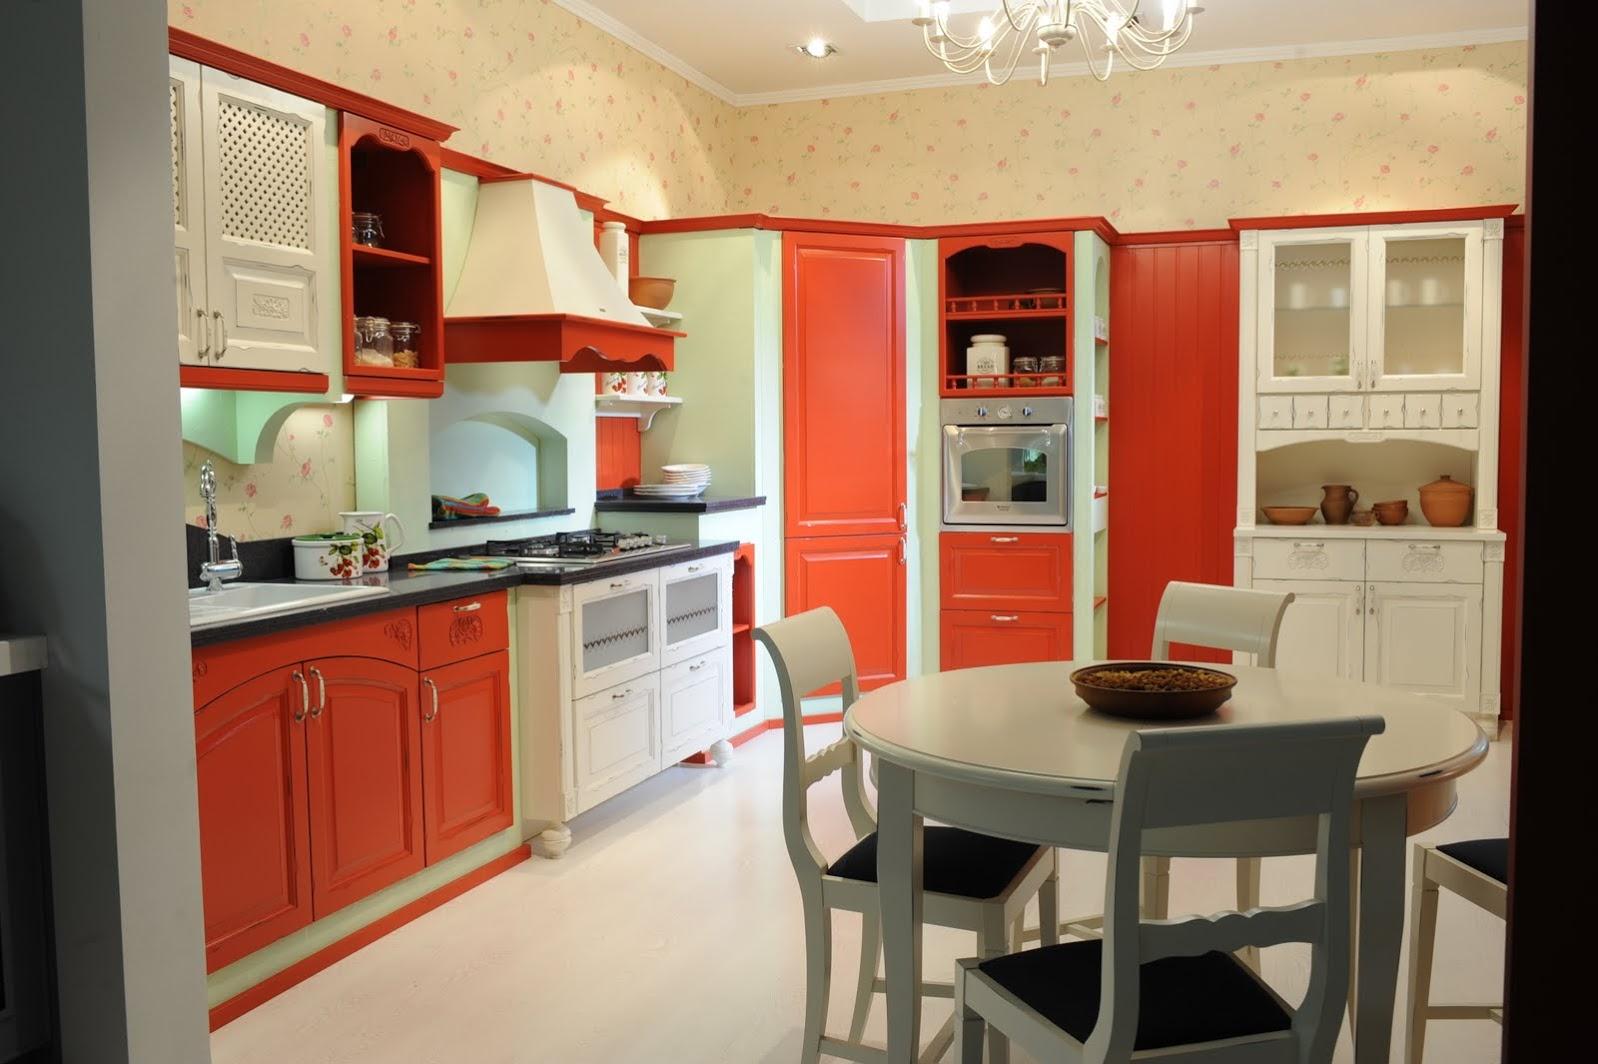 Ретро стиль в интерьере квартиры или комнаты кухни